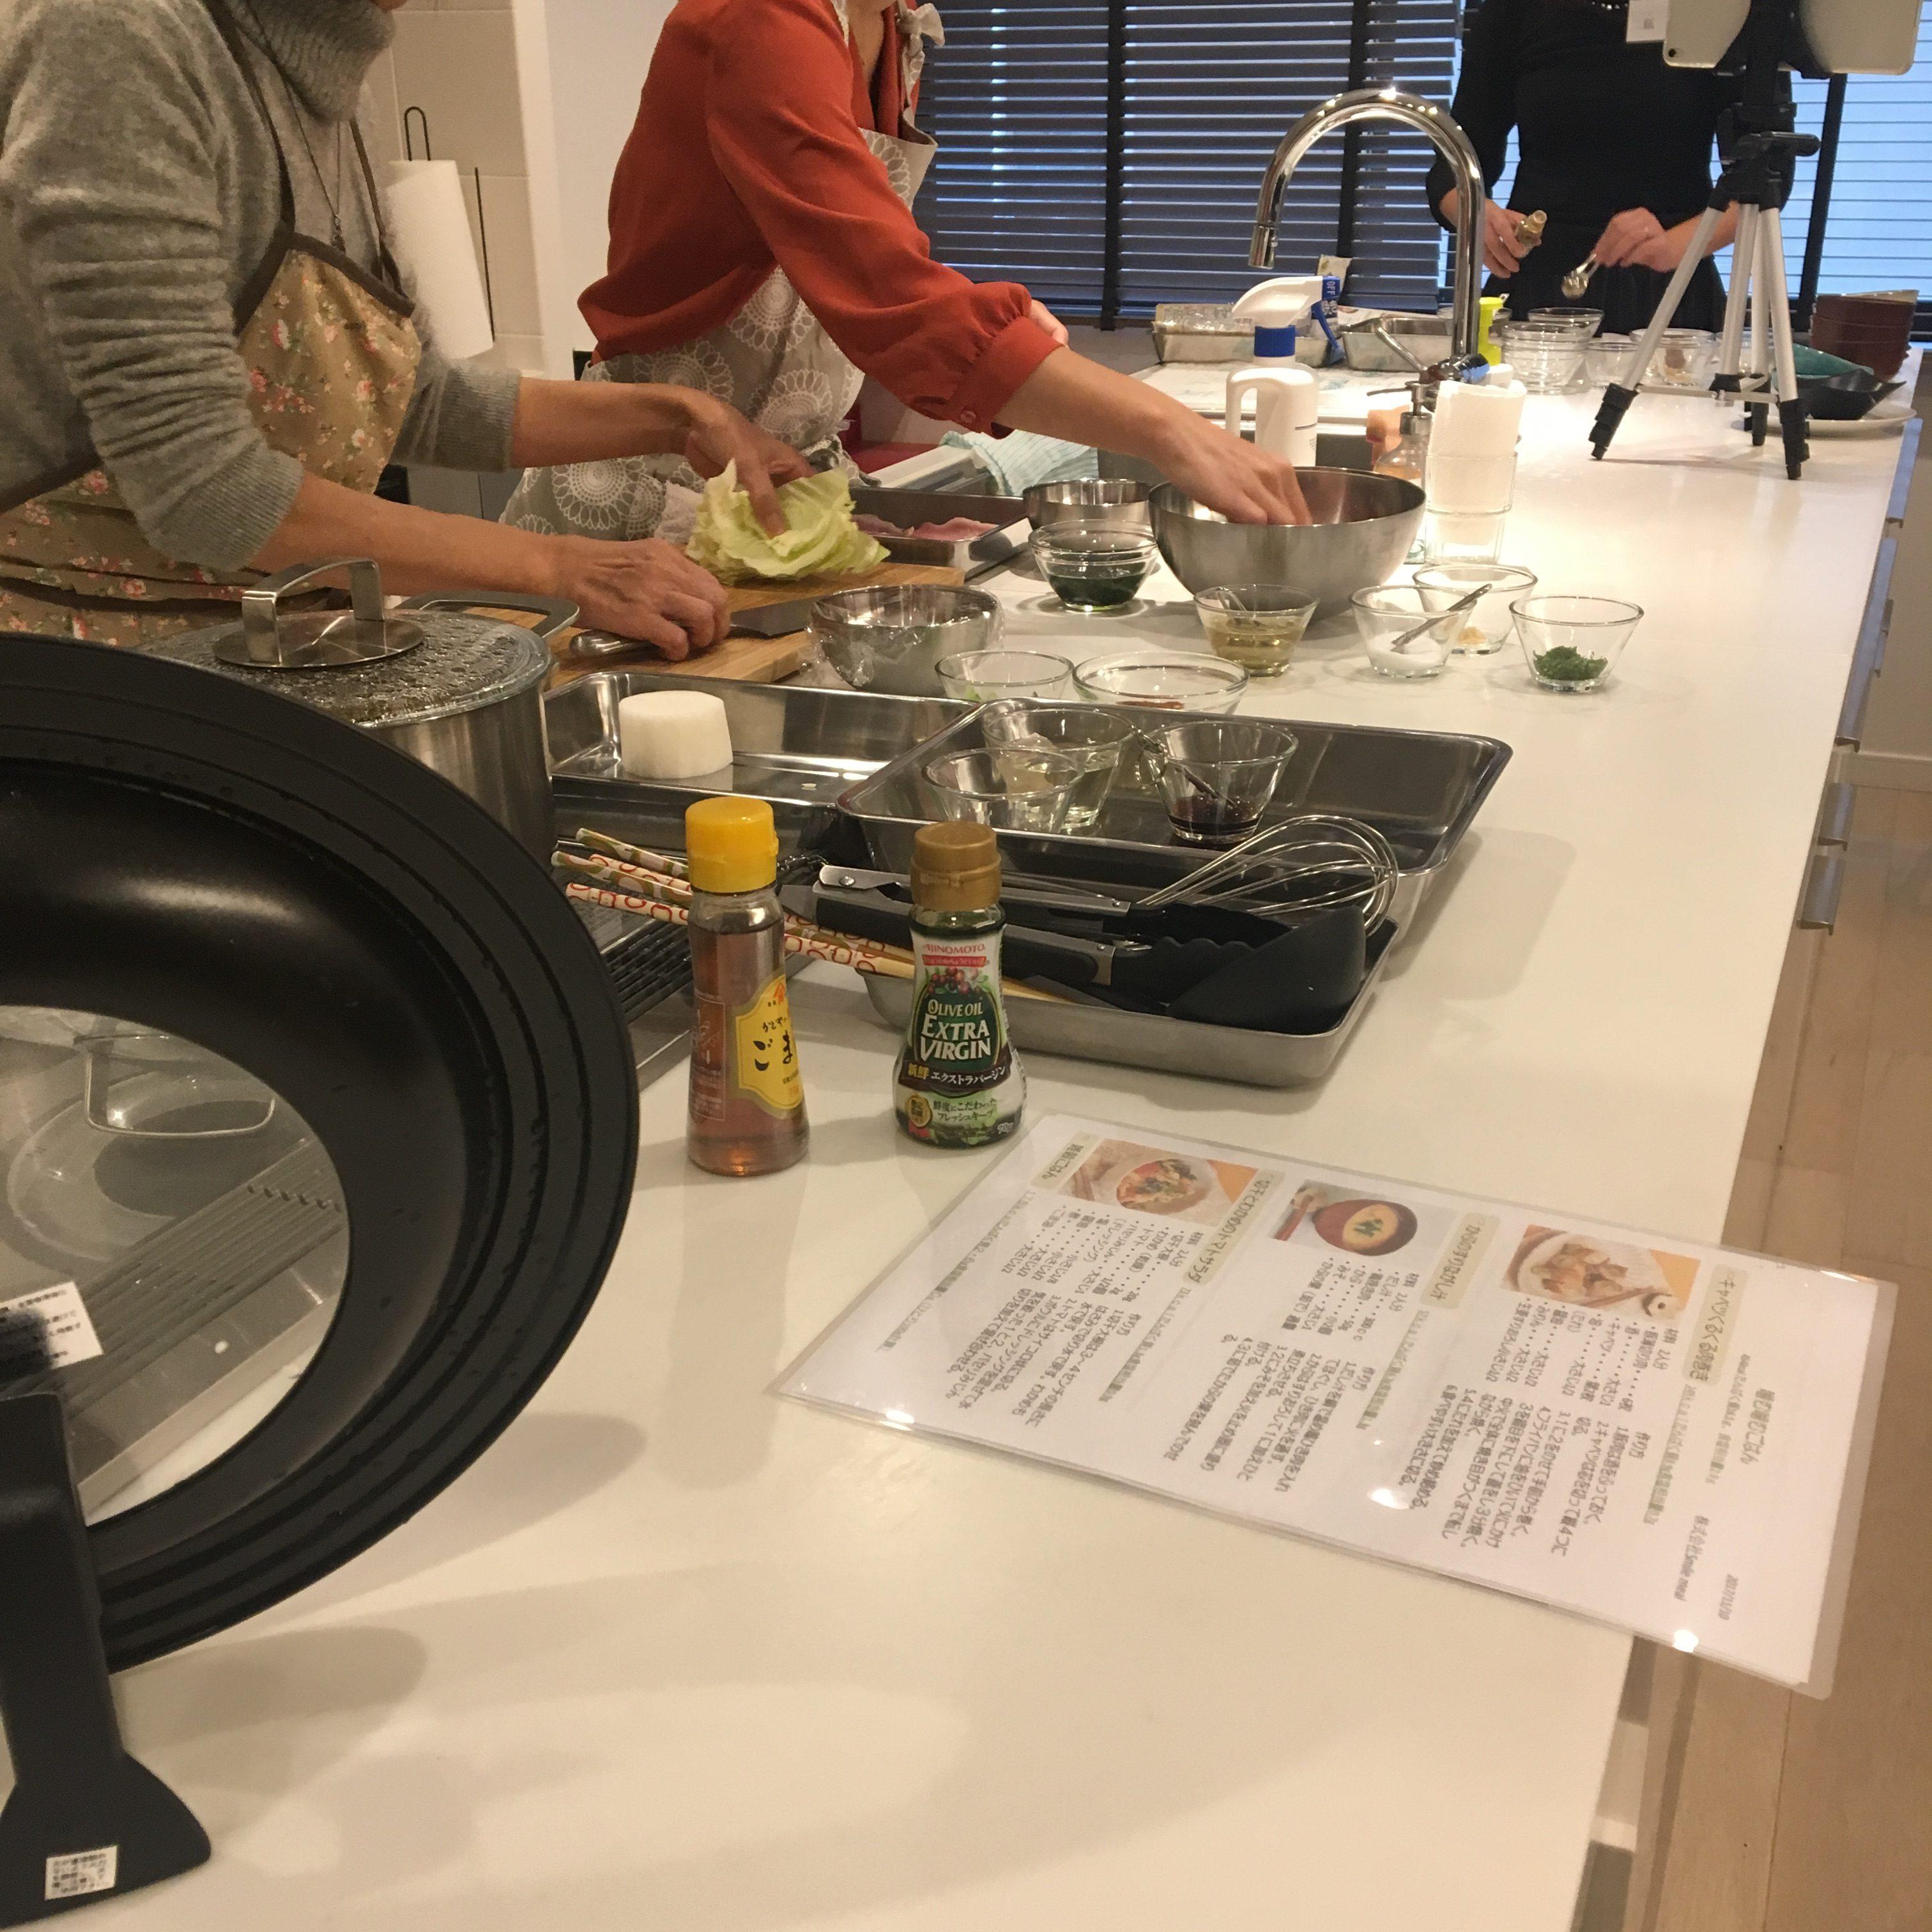 【プロフェッショナル料理講師育成講座1期生】高齢者料理教室編;ビジネスで活躍できる料理講師を1から育てます!